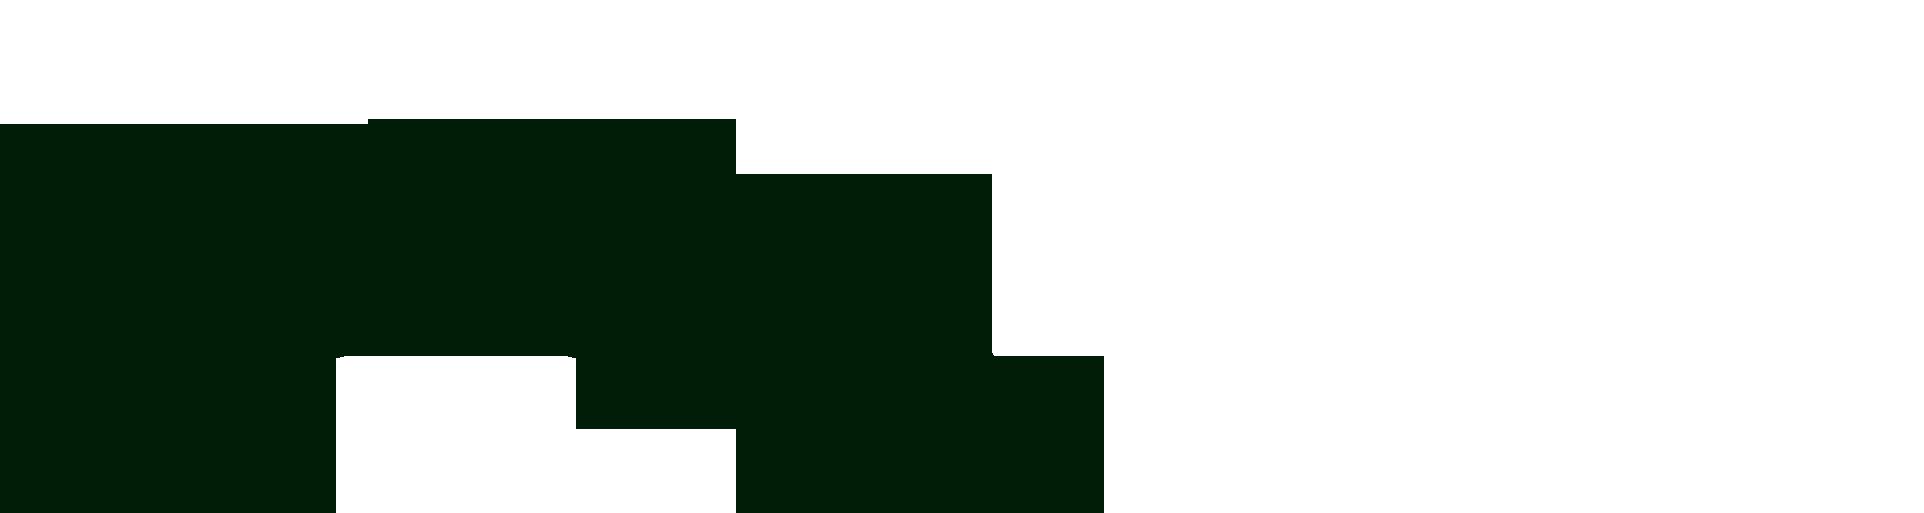 Slider_AG_cerchio_02.png